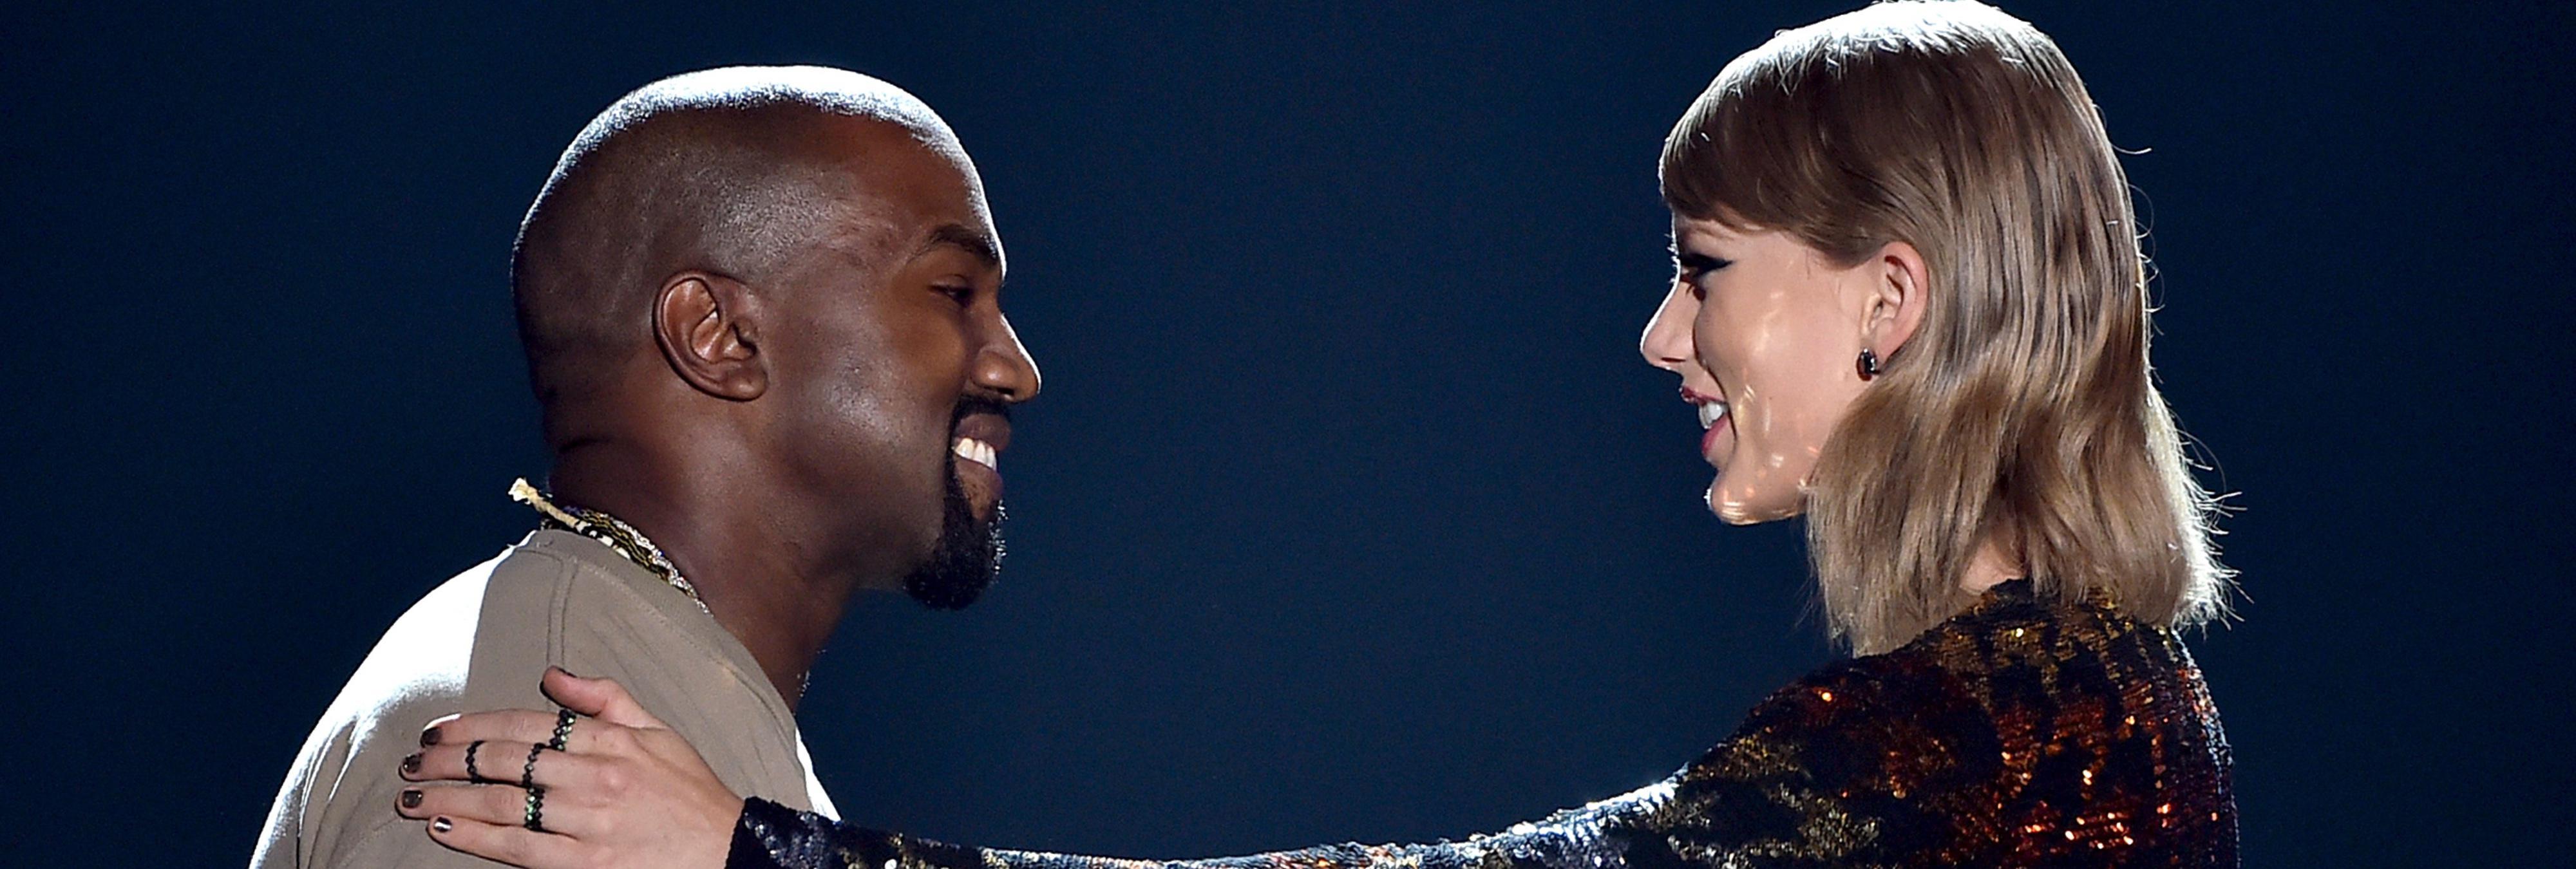 'Hice famosa a esa perra': La frase por la que Kim Kardashian ha dejado en evidencia a Taylor Swift